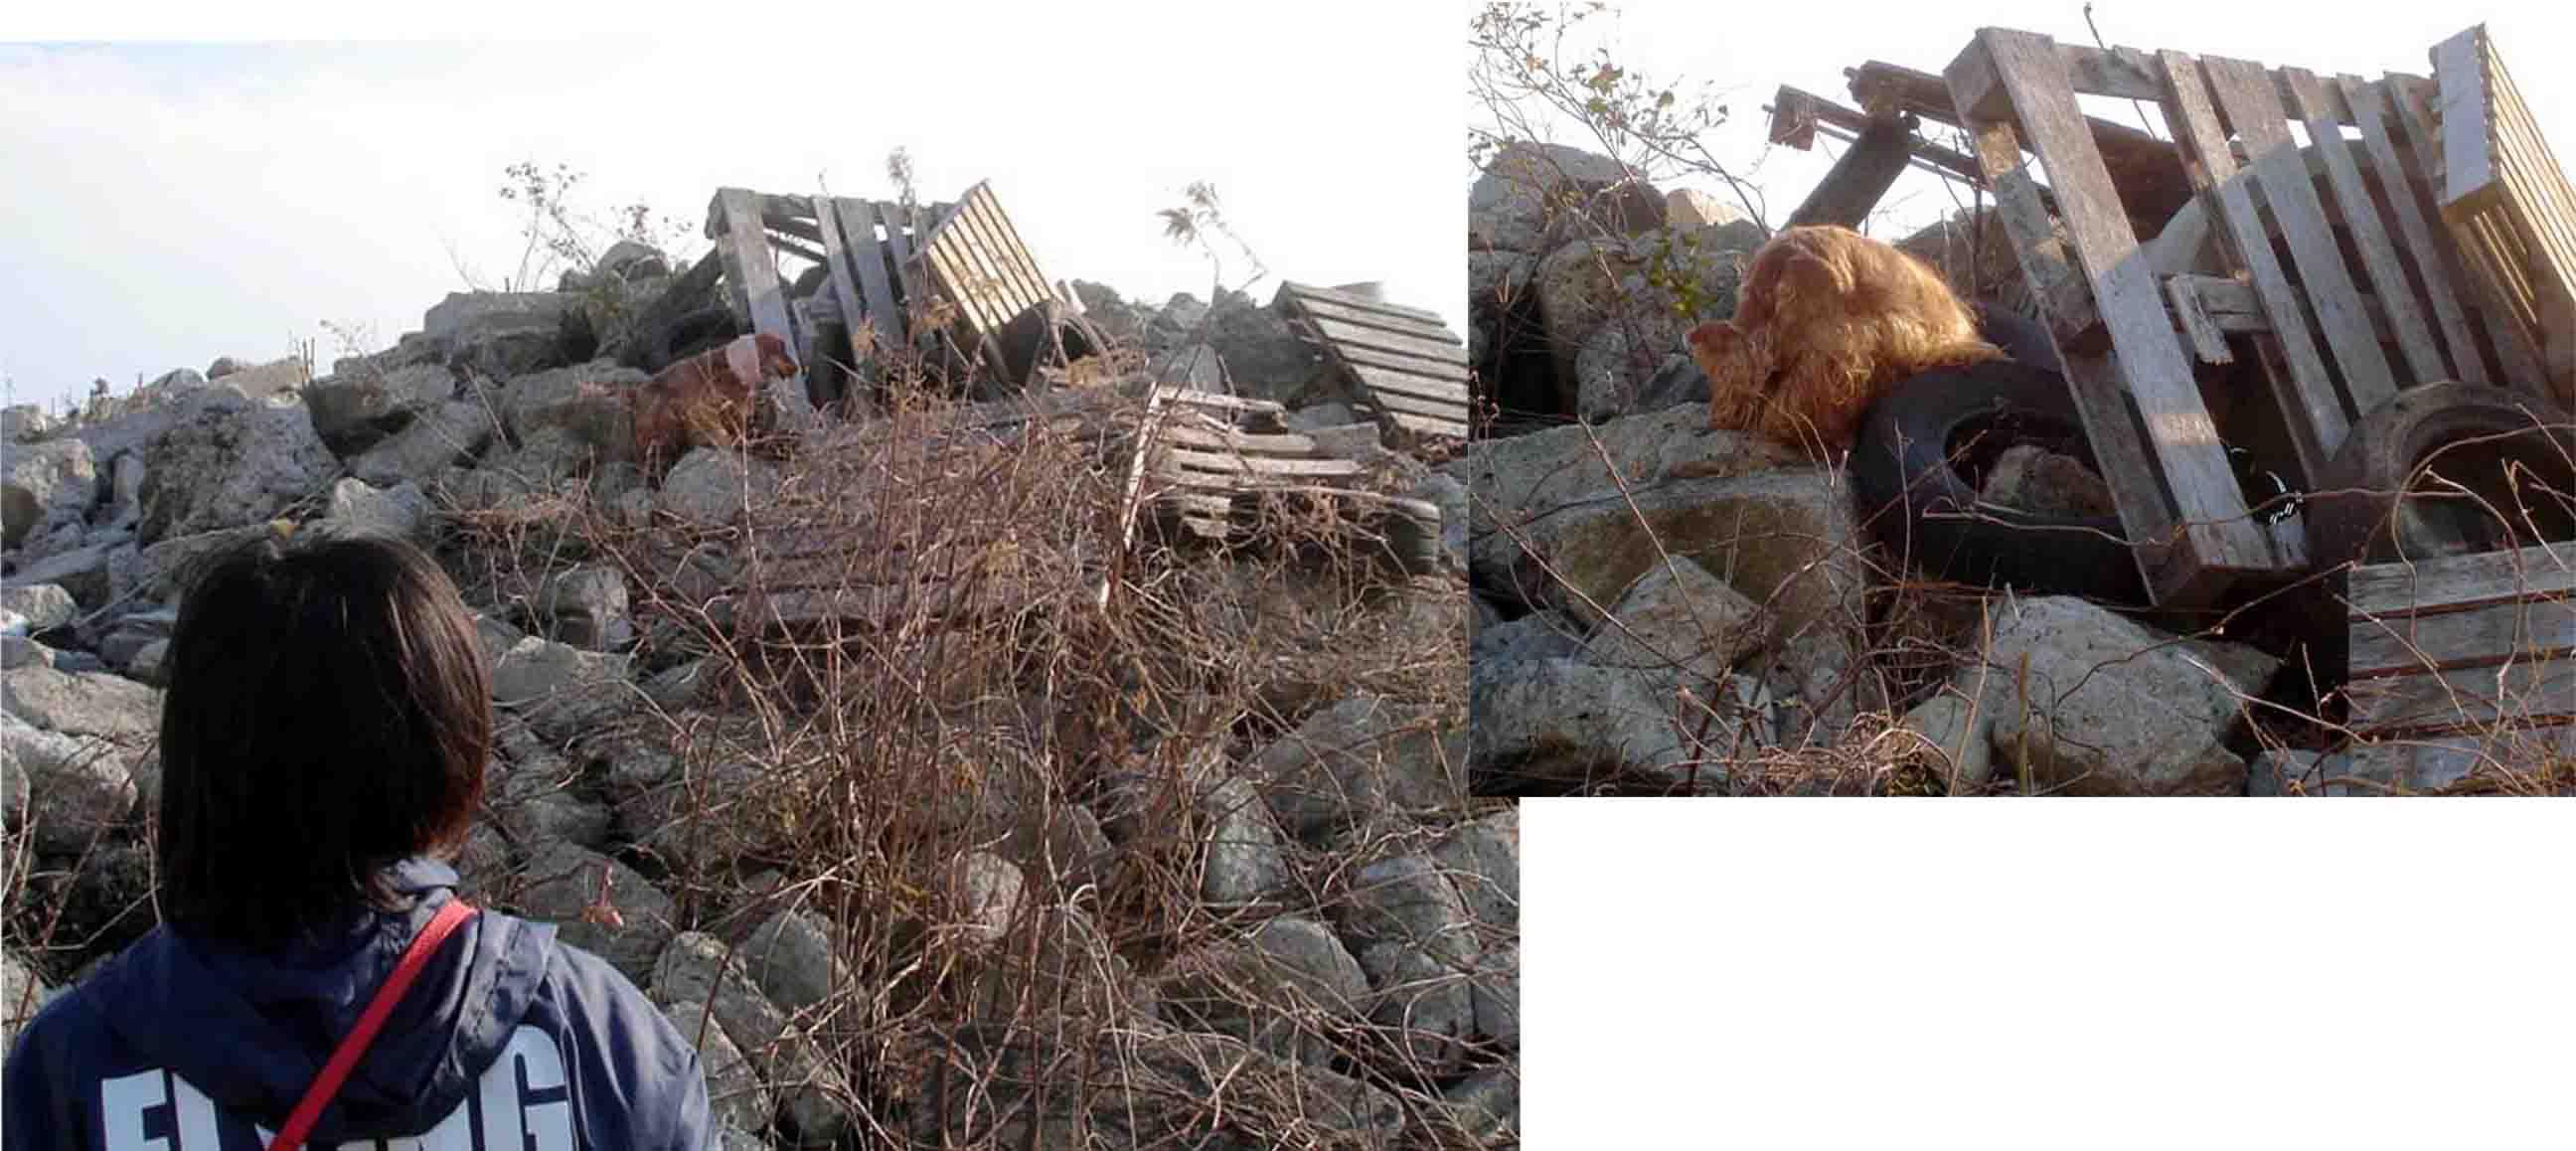 Eコッカホリーの瓦礫捜索訓練